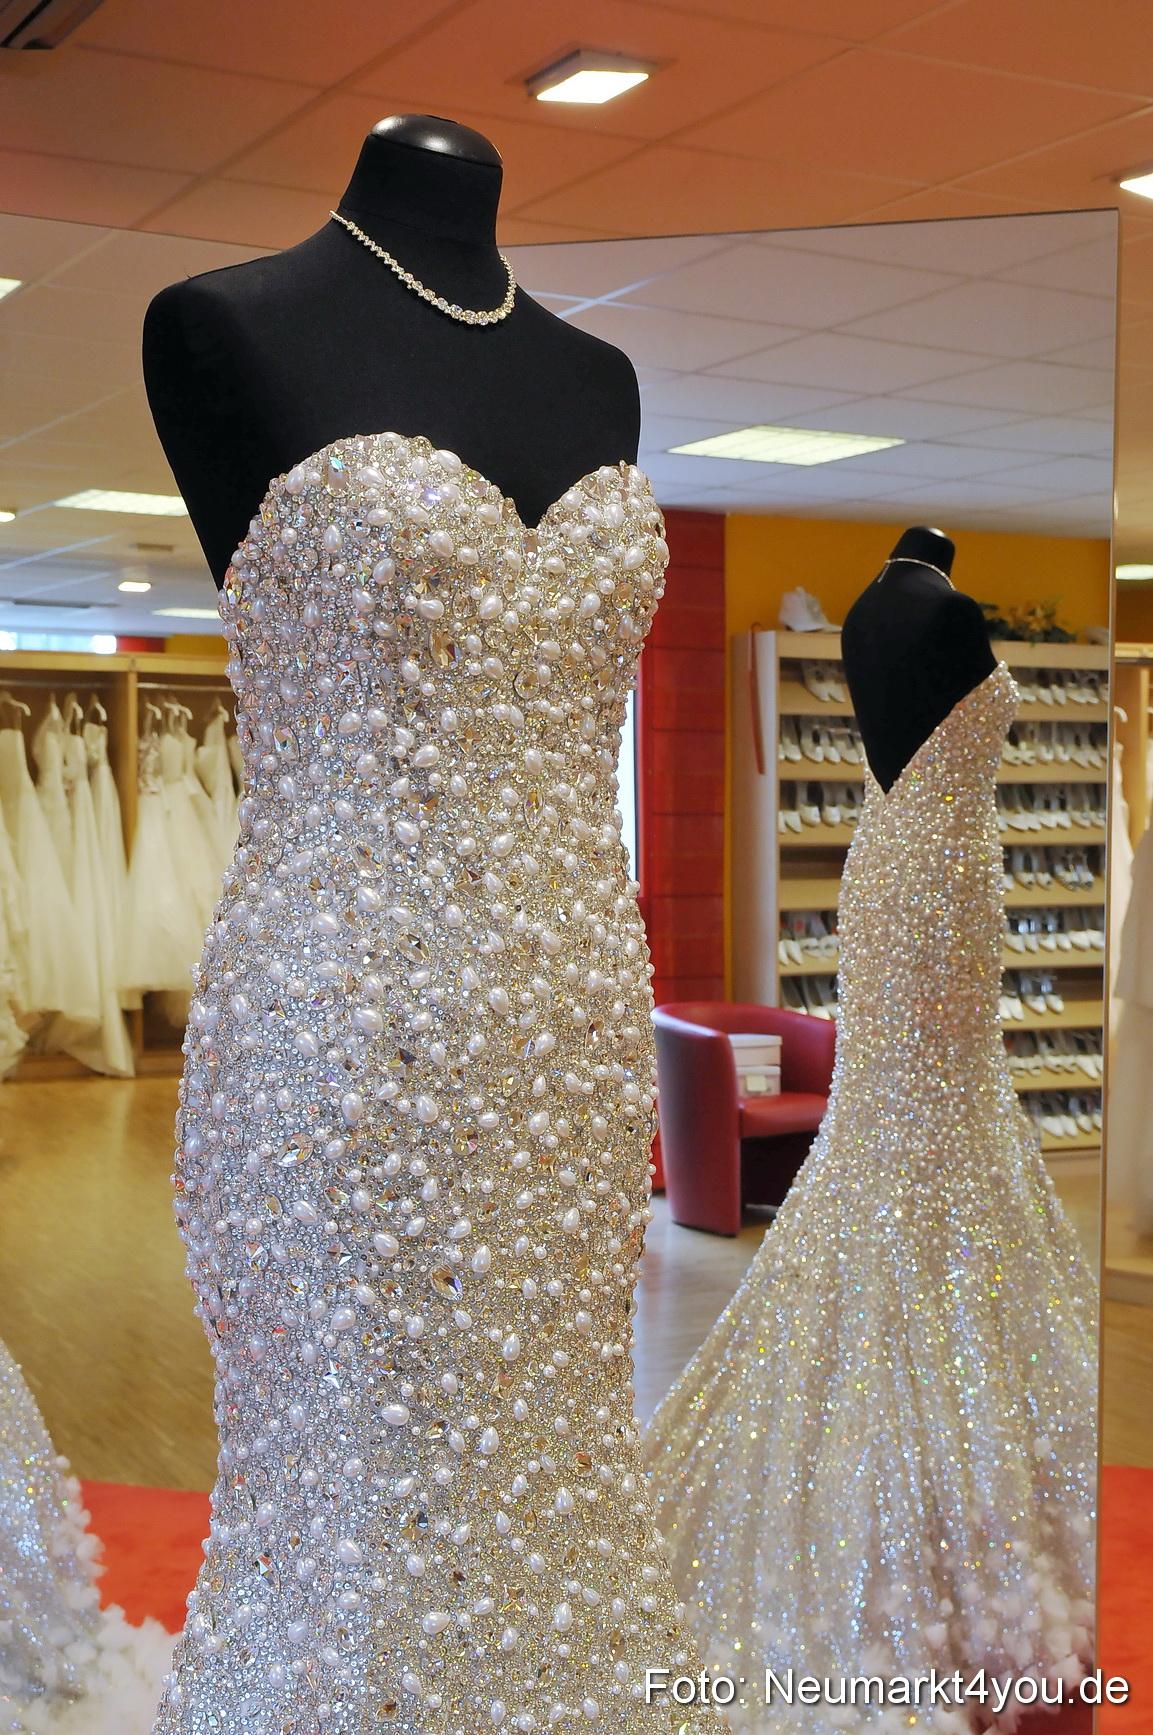 Groß Brautkleider Mit Steinen Fotos - Hochzeit Kleid Stile Ideen ...